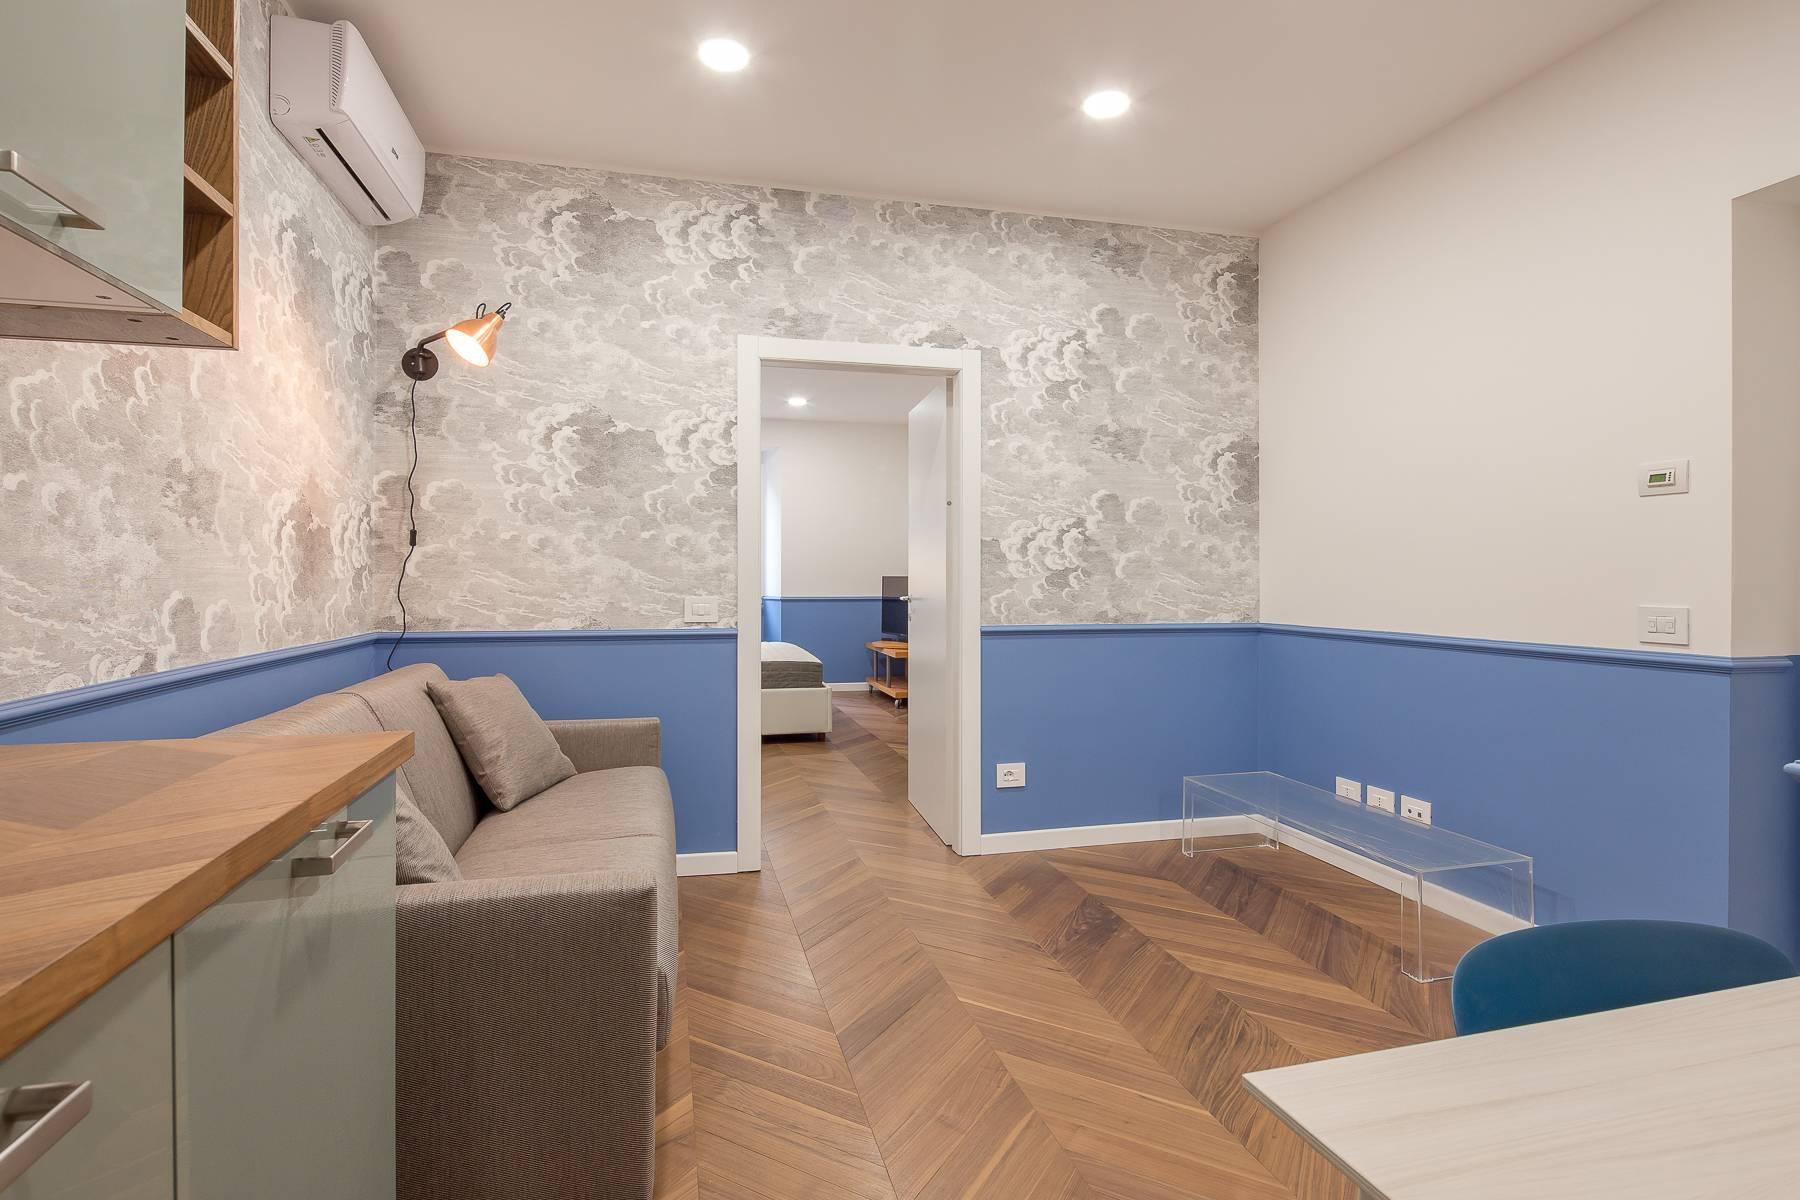 Elegante renovierte Zwei-Zimmer-Wohnung in Brera - 6